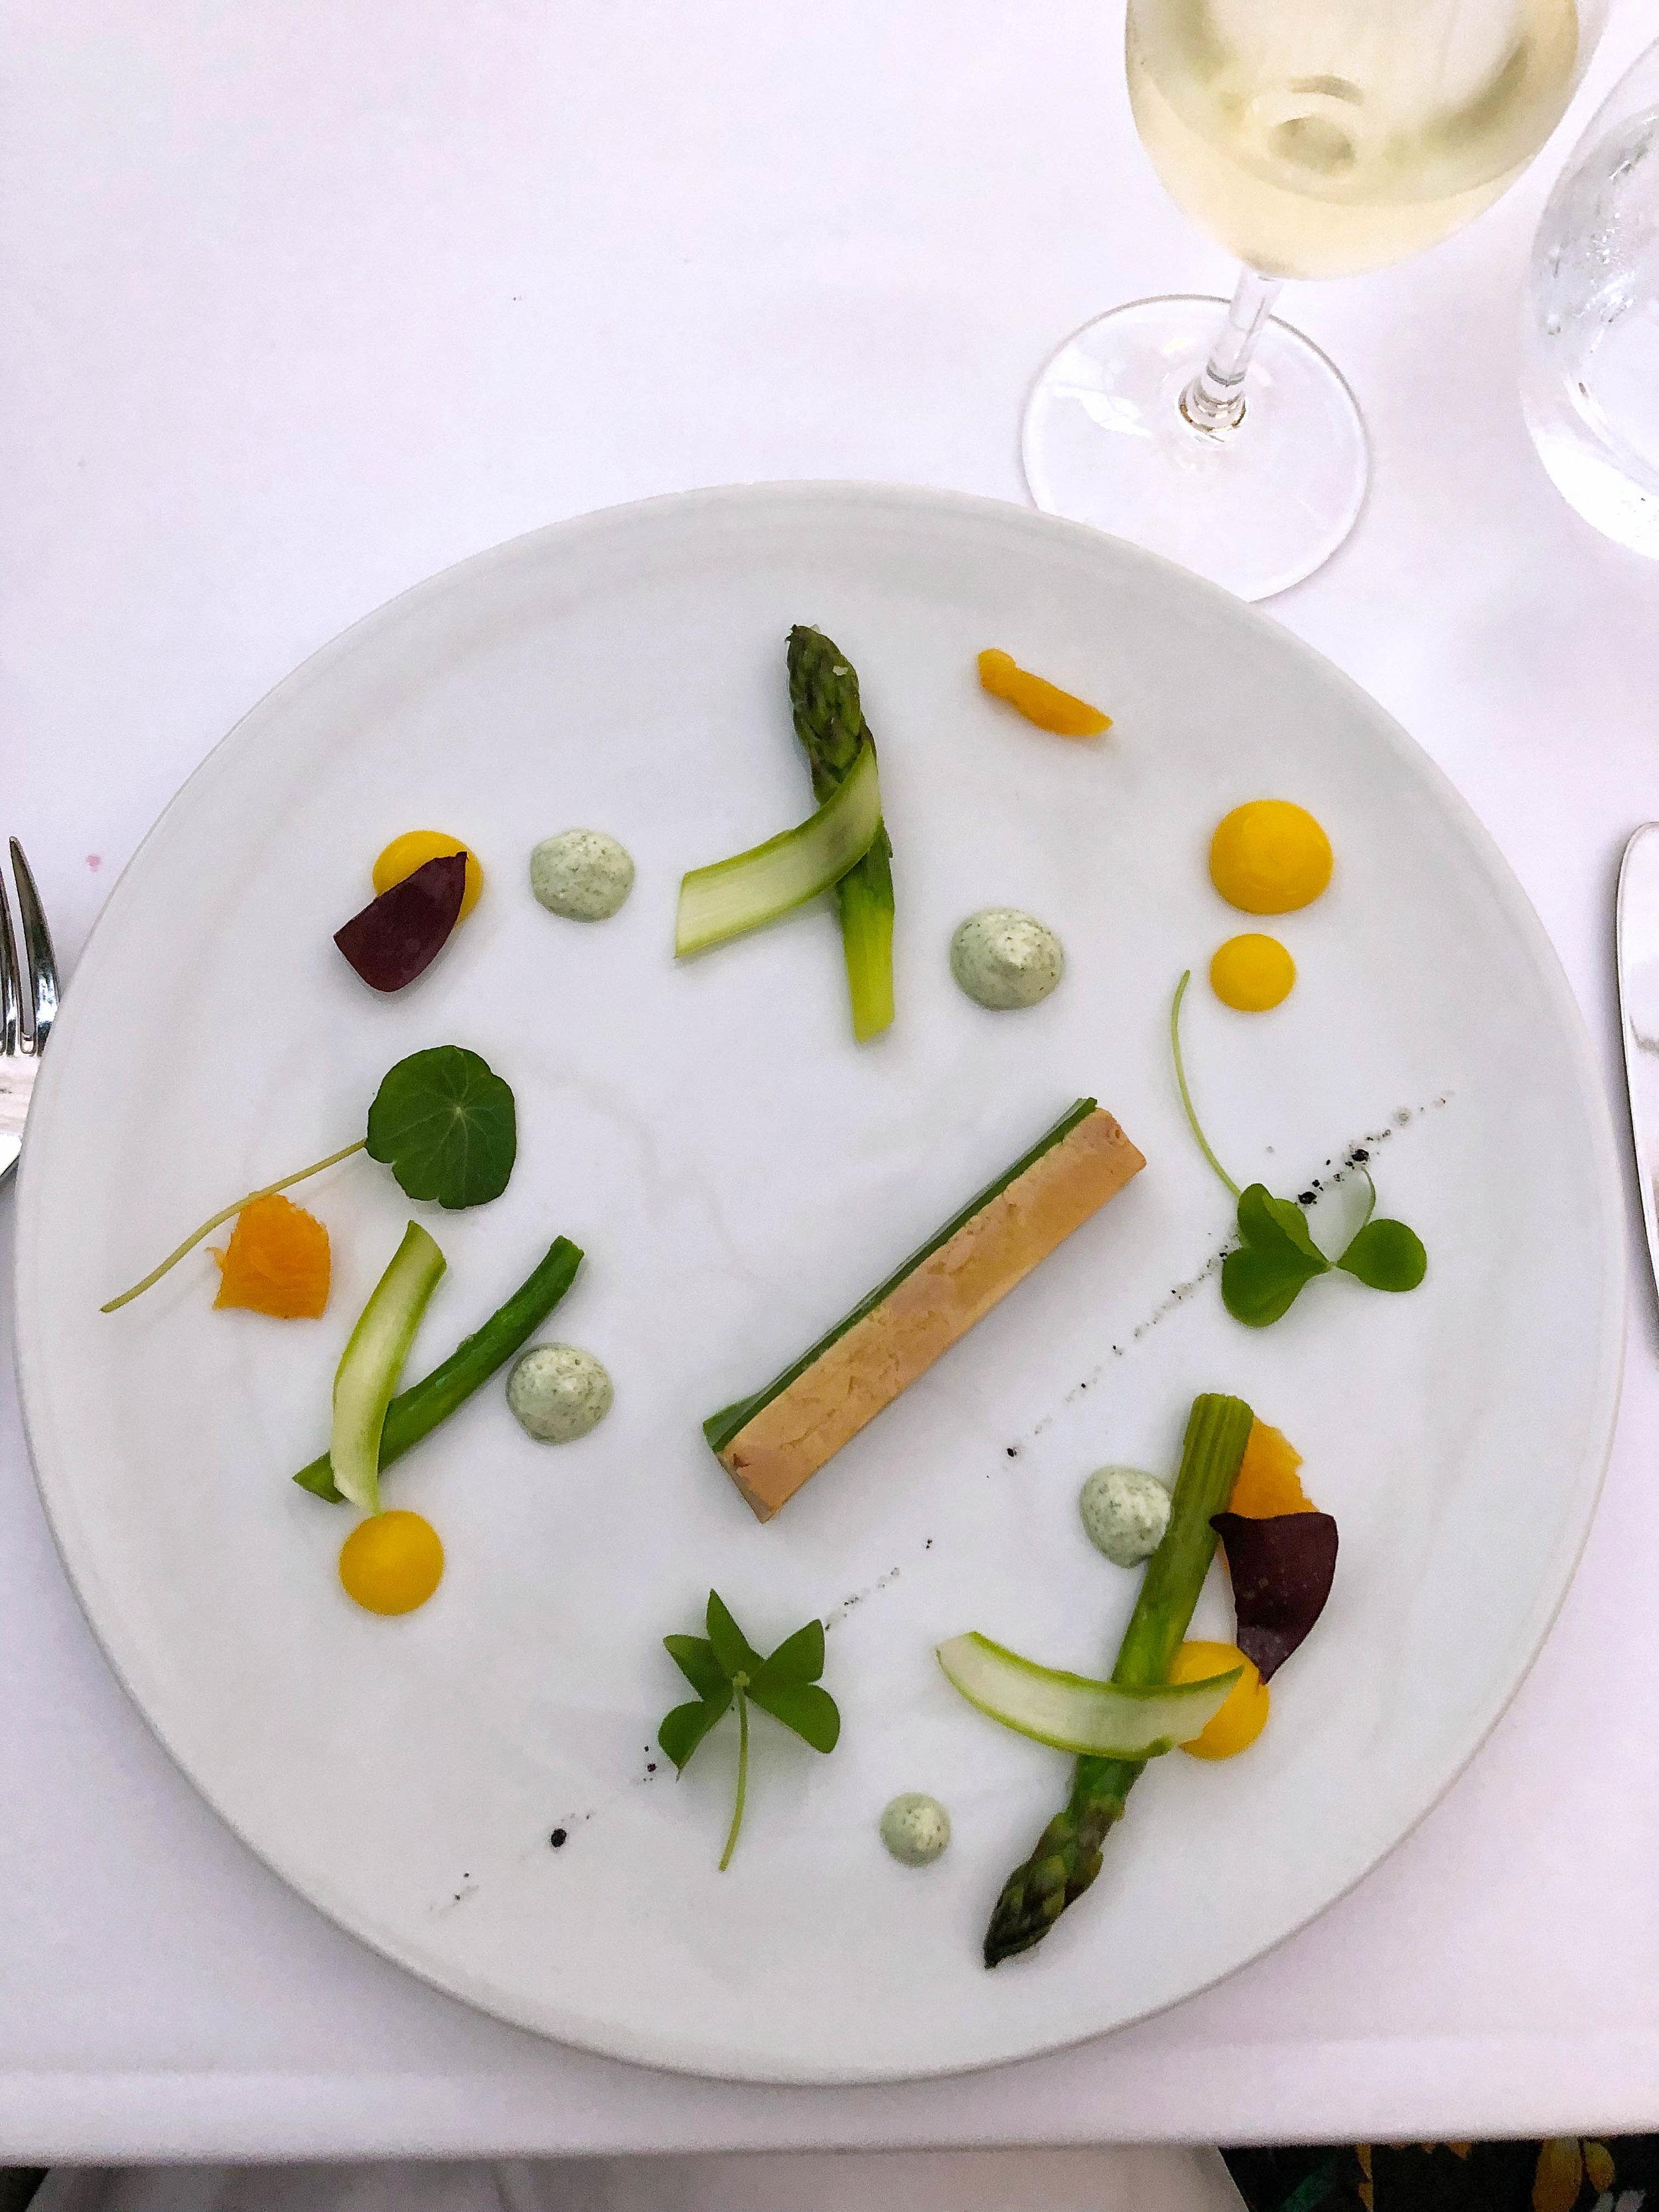 蔬菜和蔬菜,盐,盐和盐,大米